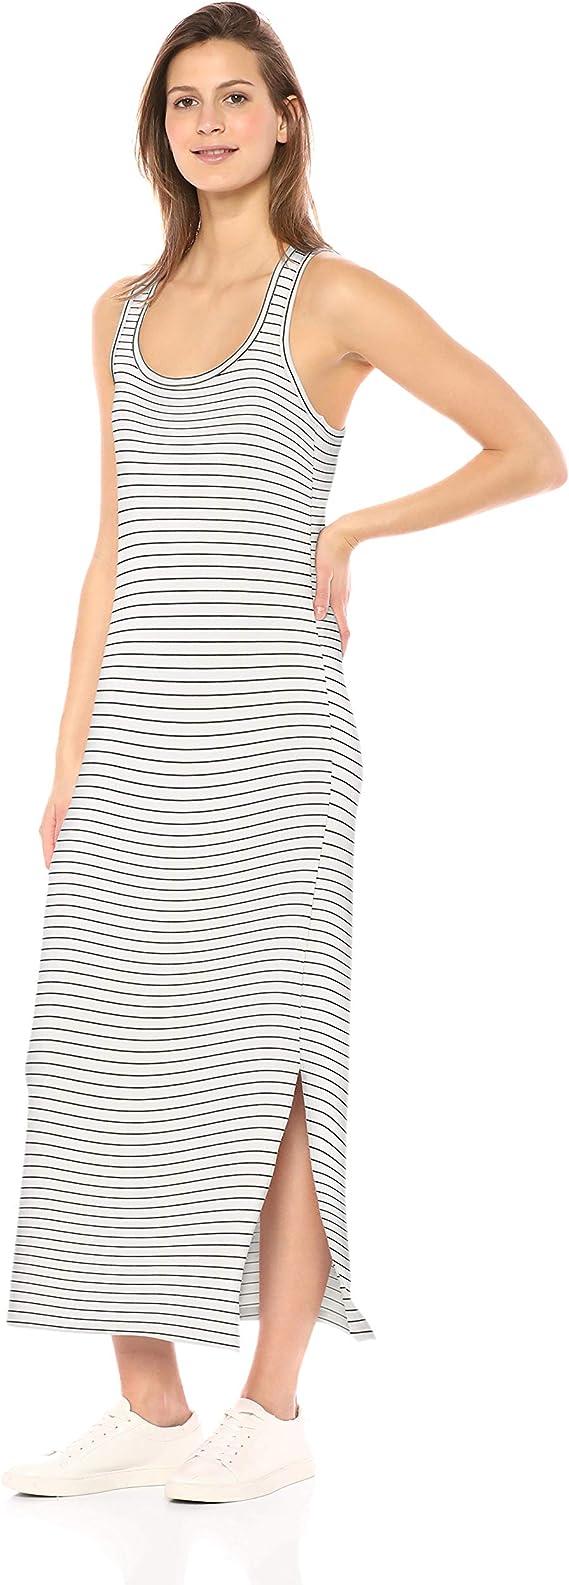 Marca Amazon - Daily Ritual - Maxi vestido de algodón terry súper ...